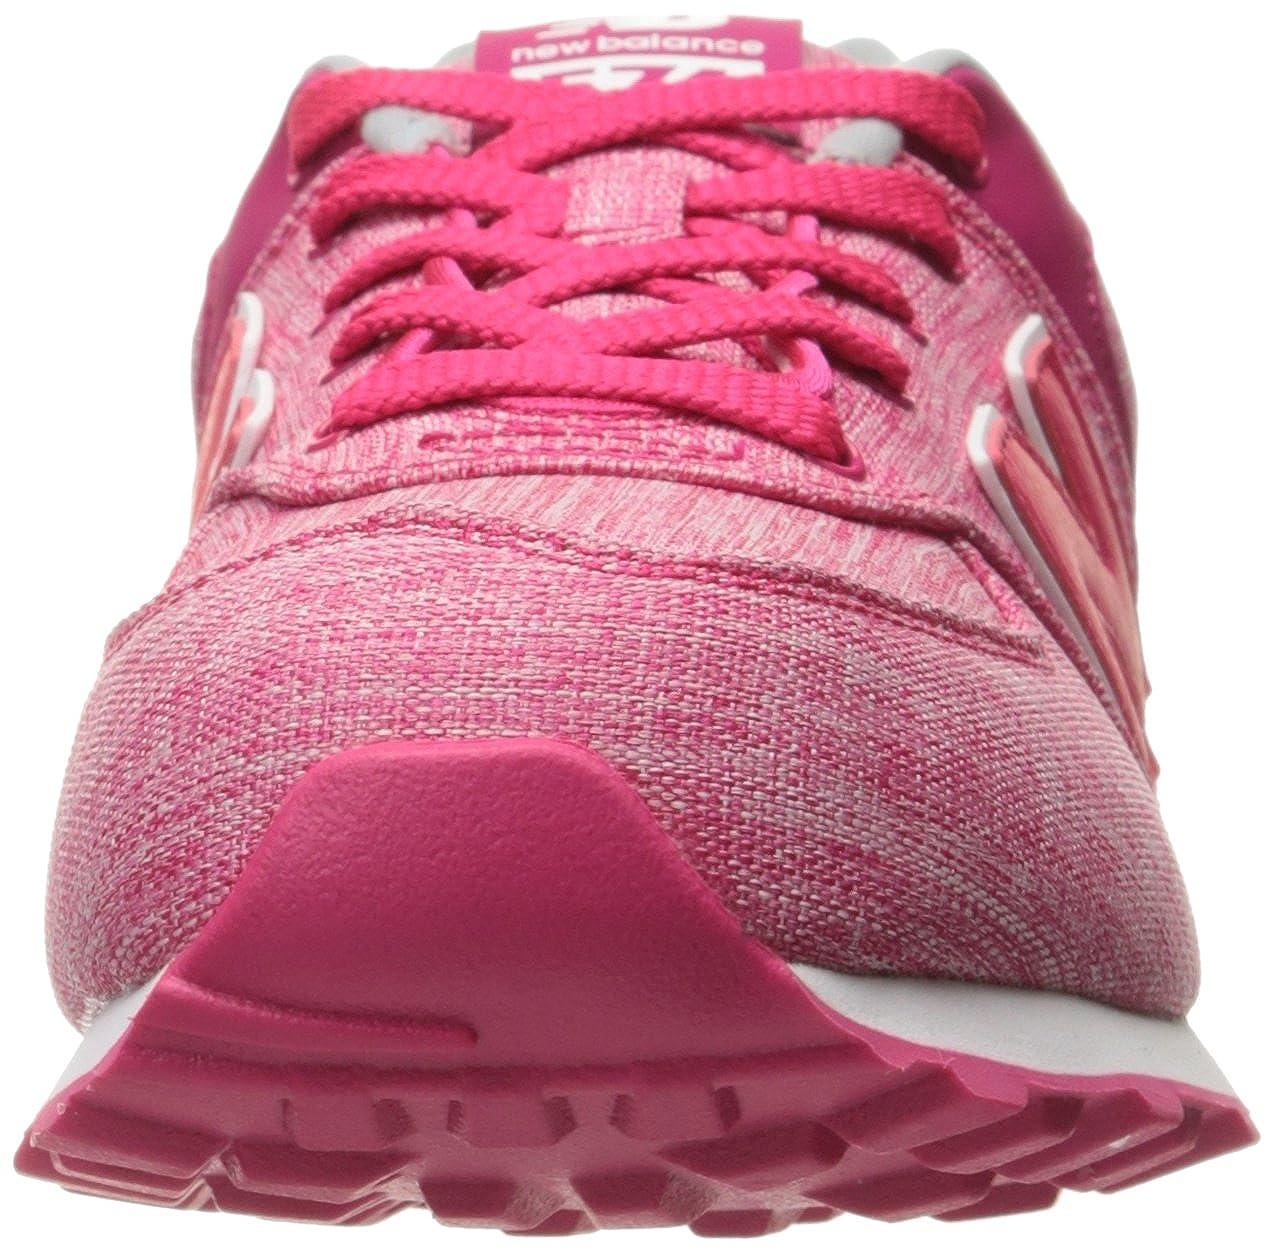 New Balance - Kl574, Kl574, Kl574, scarpe da ginnastica per Bambine e Ragazze   Alta qualità ed economico  eaf8da